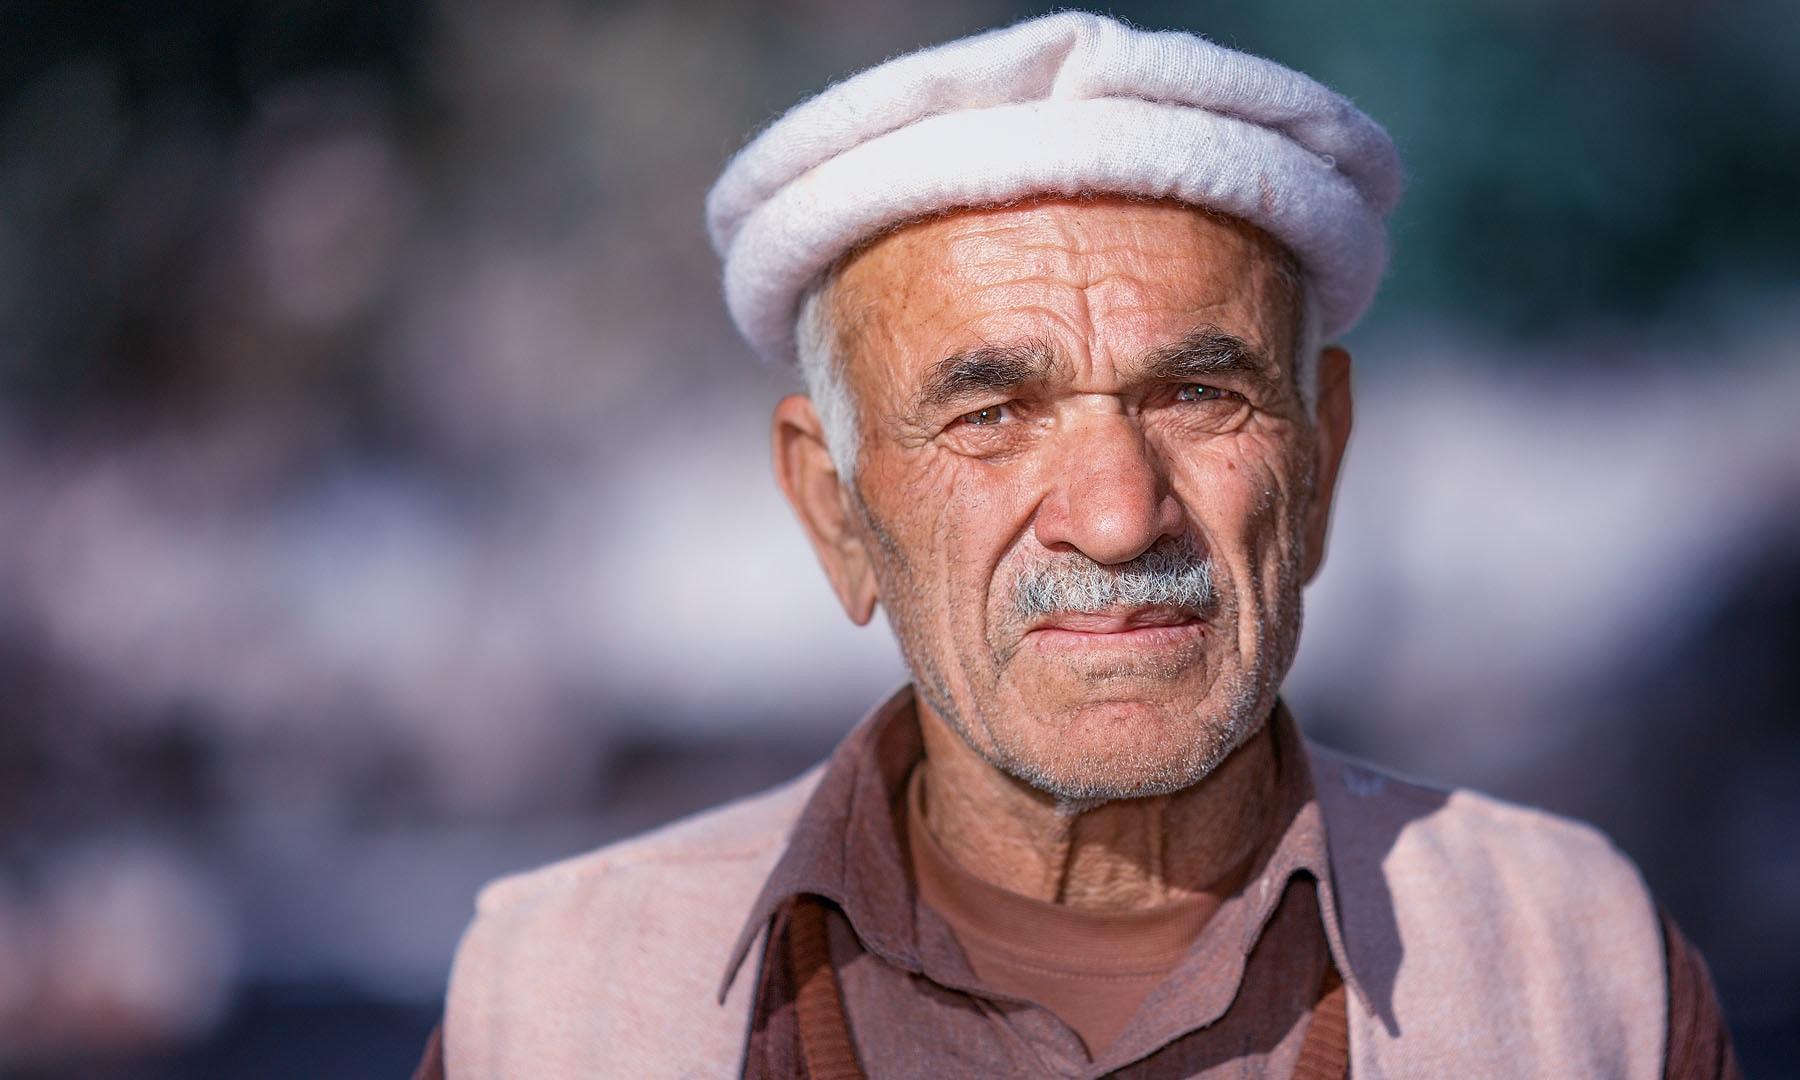 پسو سے ایک چہرہ — فوٹو سید مہدی بخاری